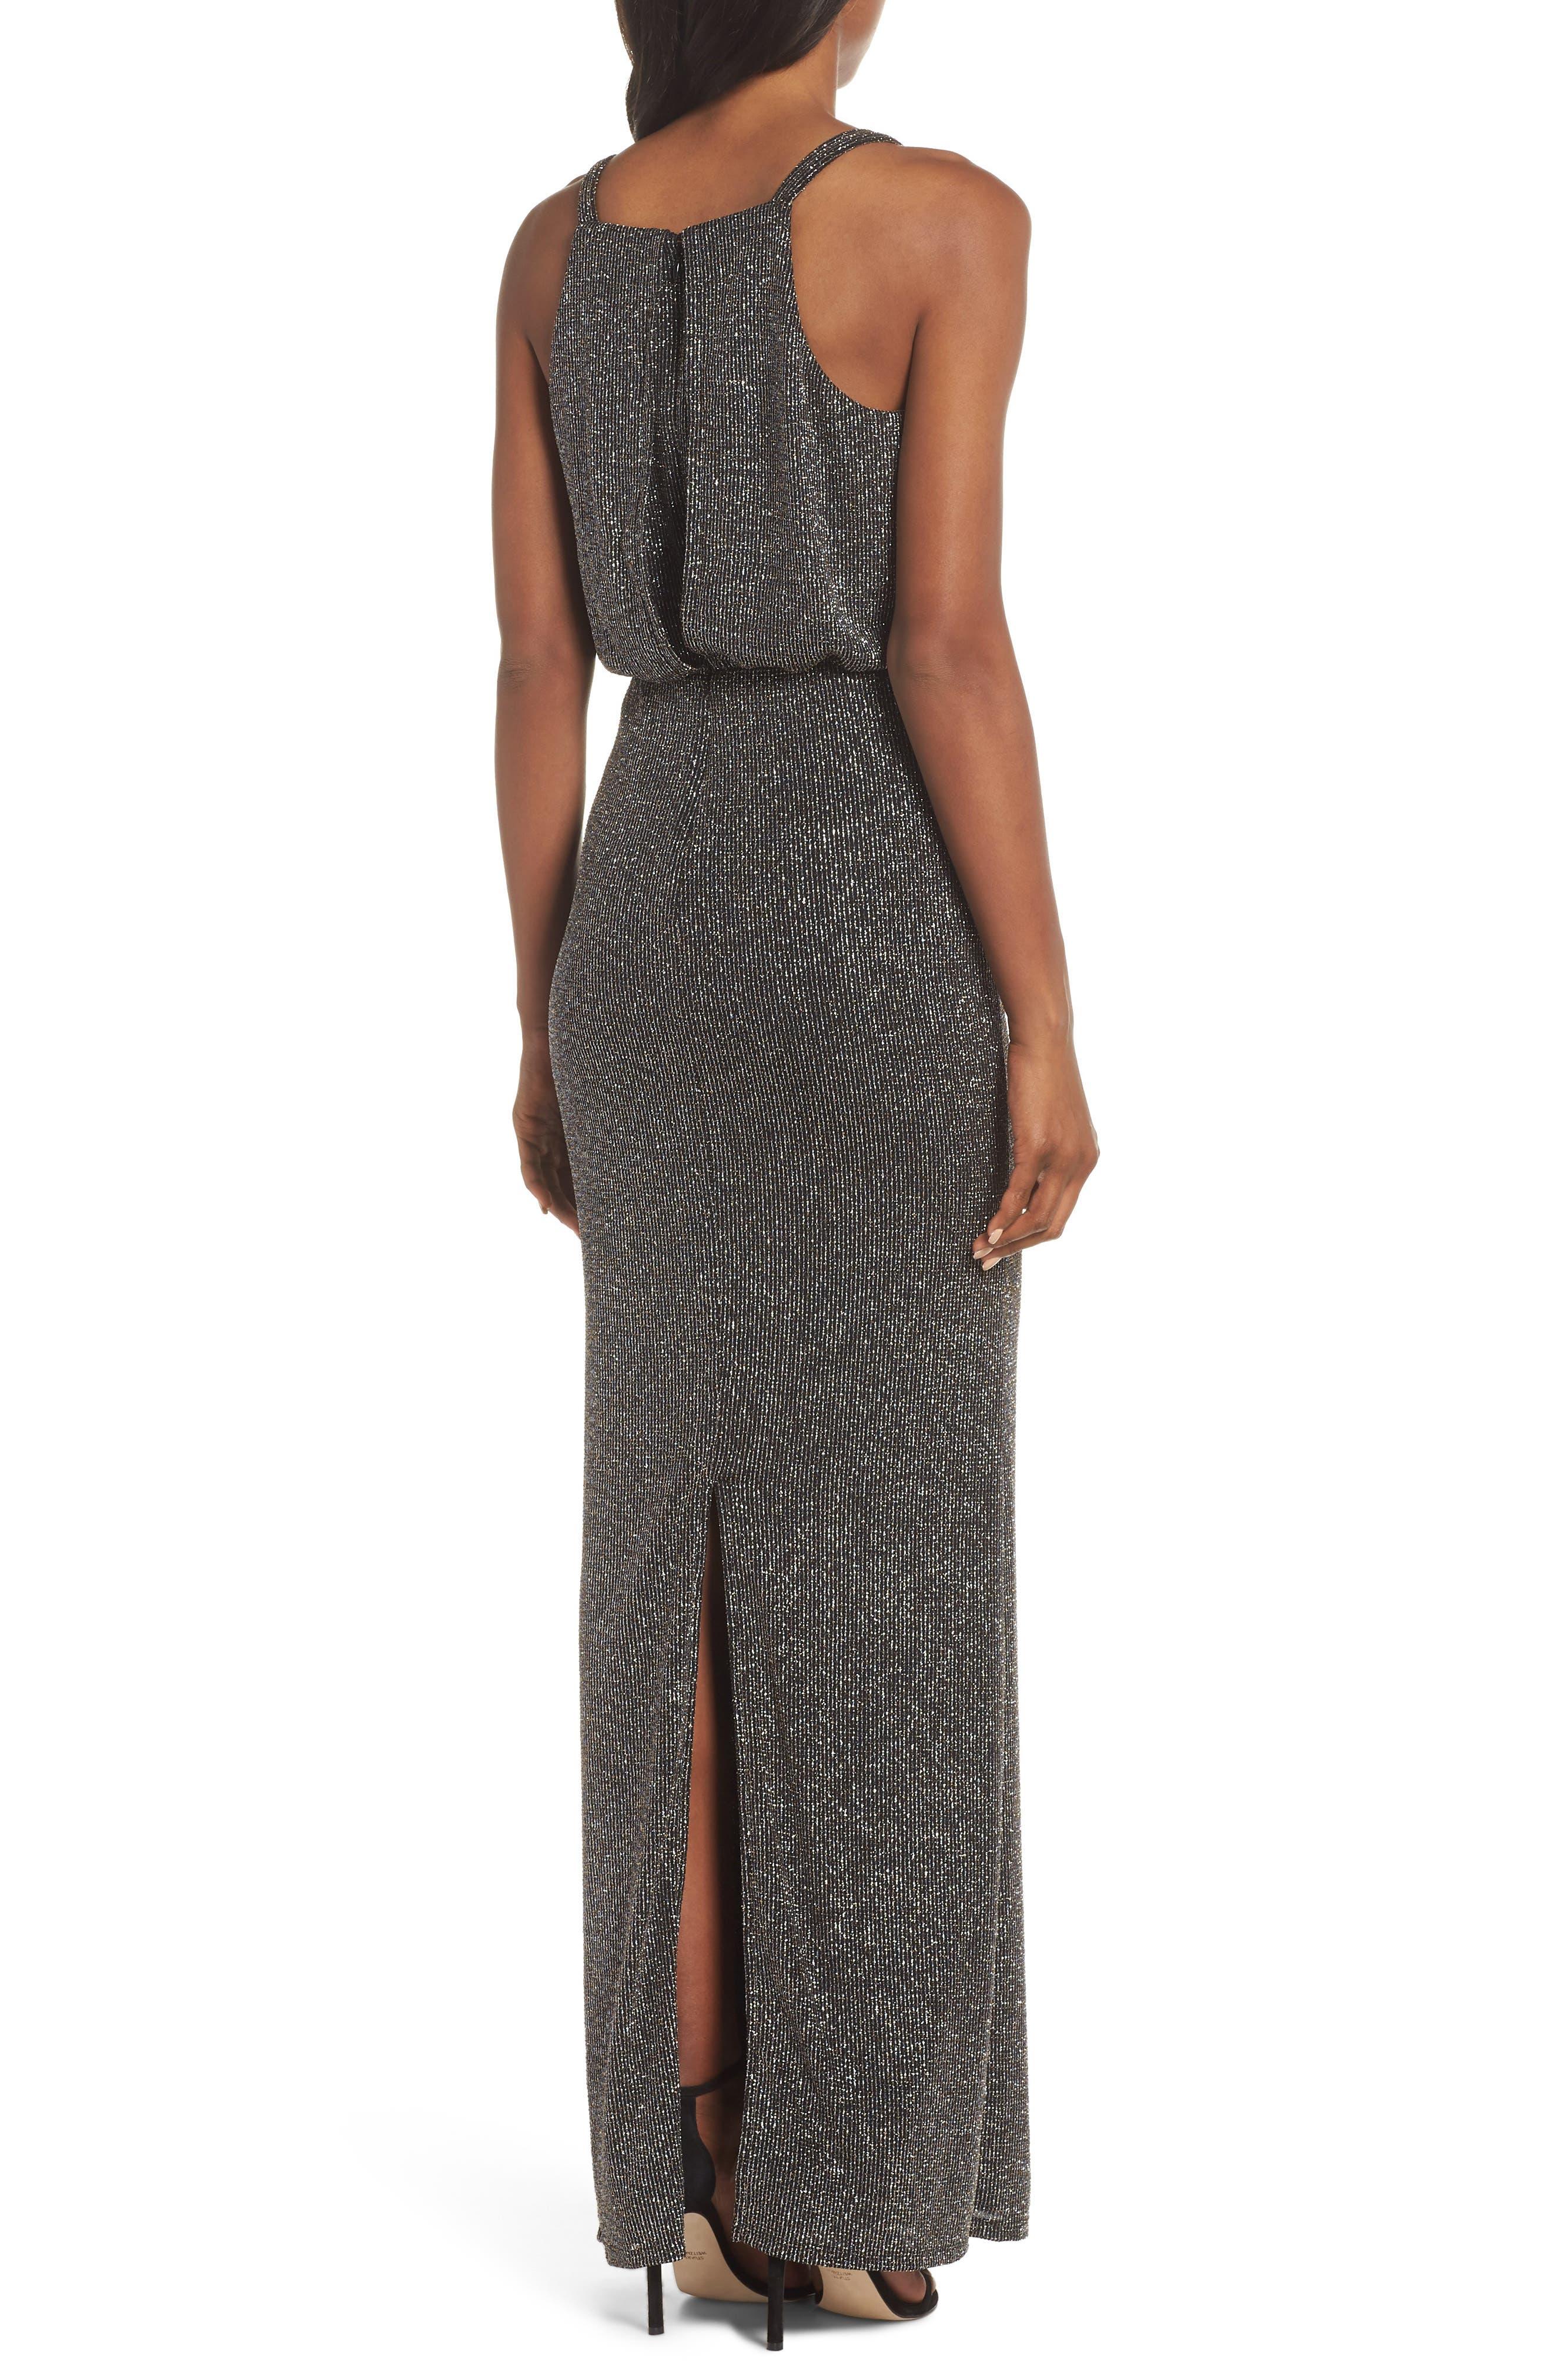 Blouson Gown,                             Alternate thumbnail 2, color,                             BLACK